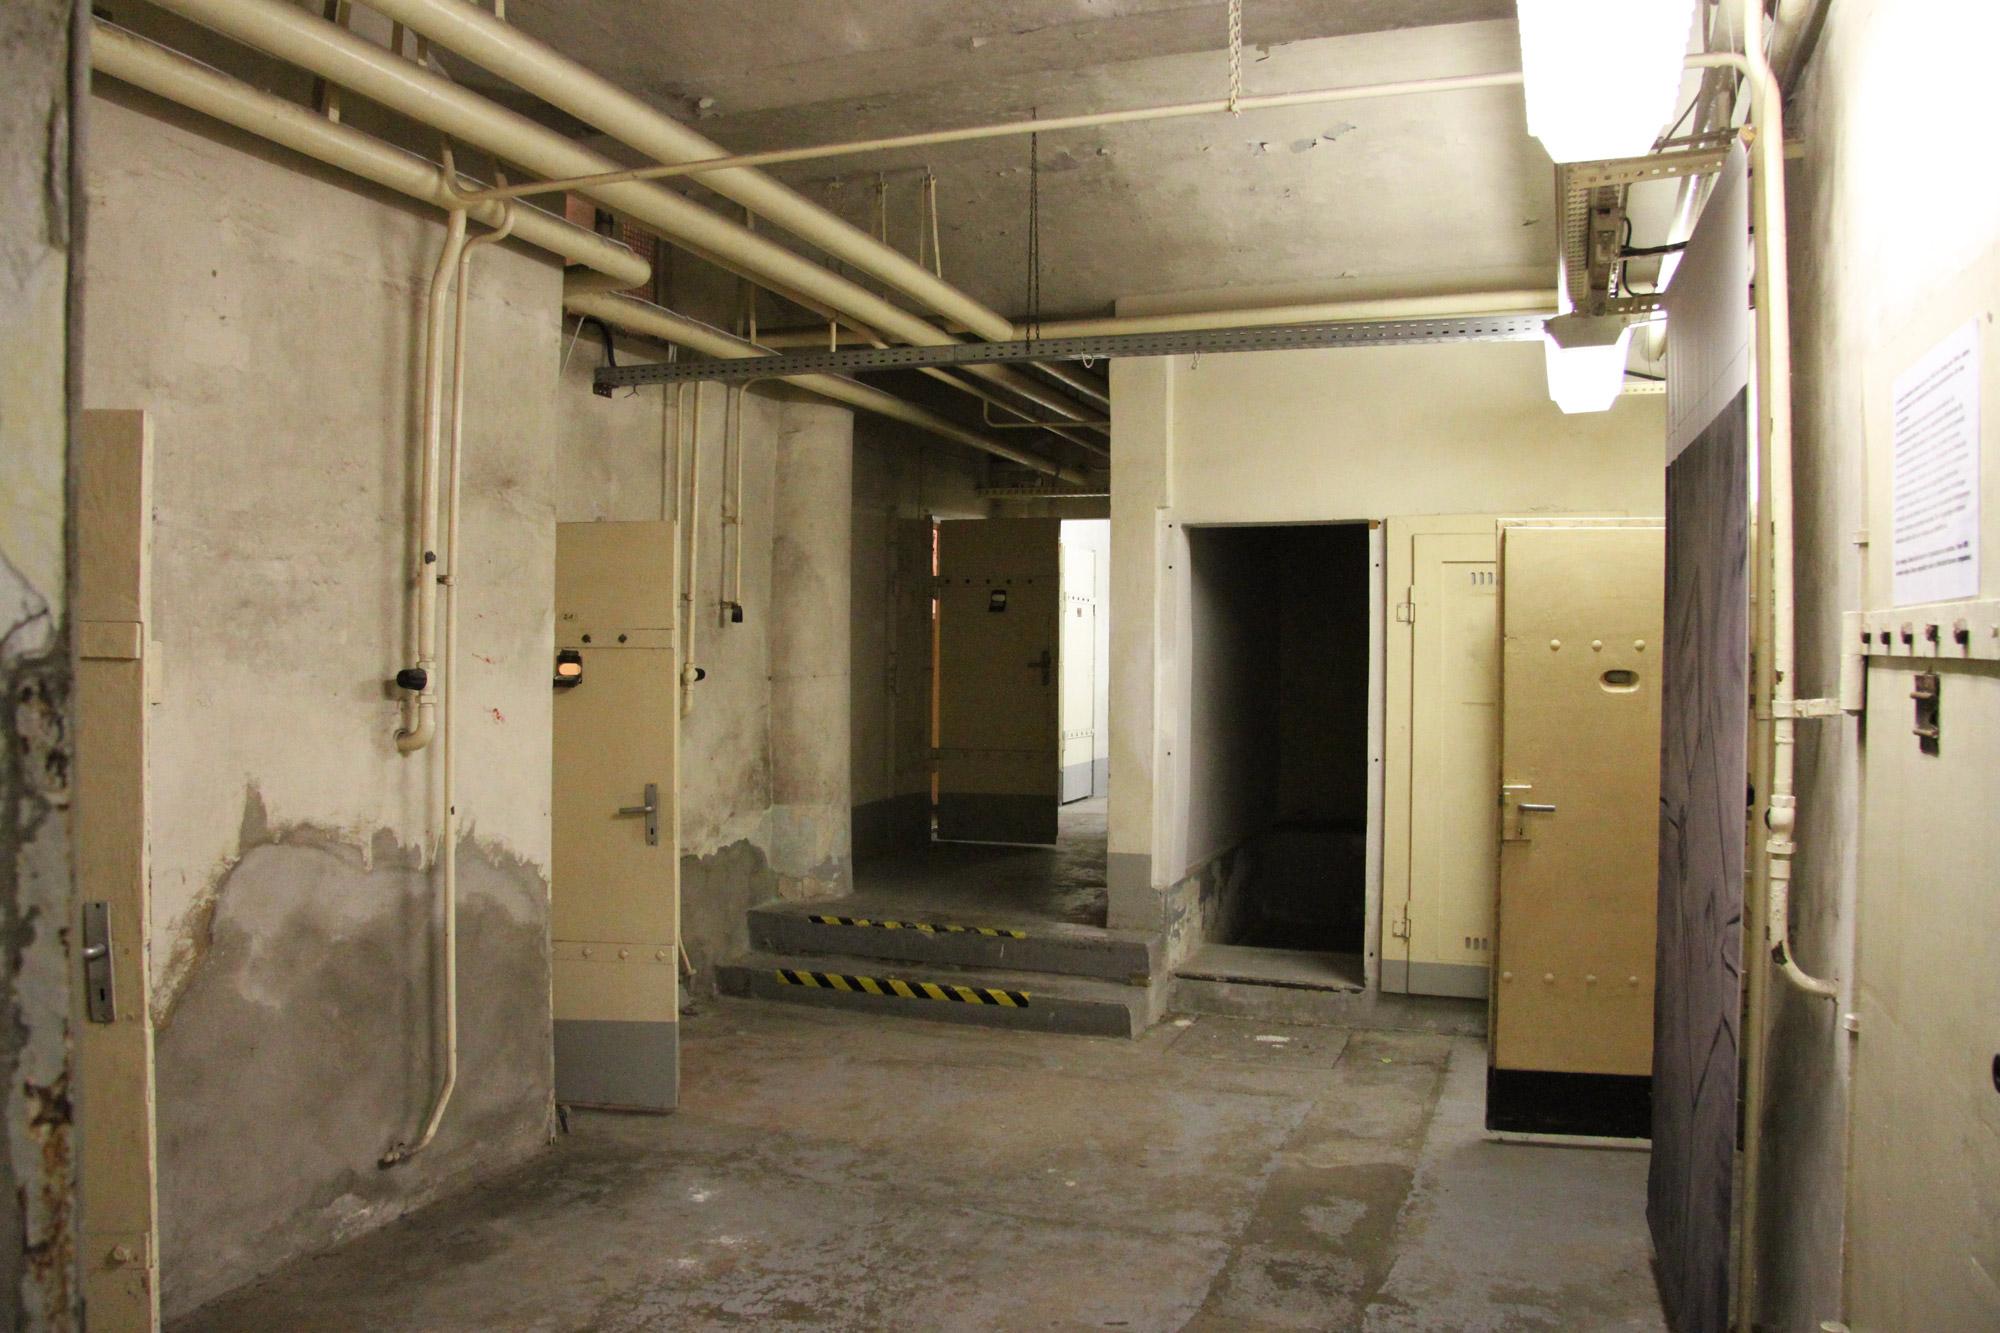 een bezoek aan de stasi gevangenis van dresden